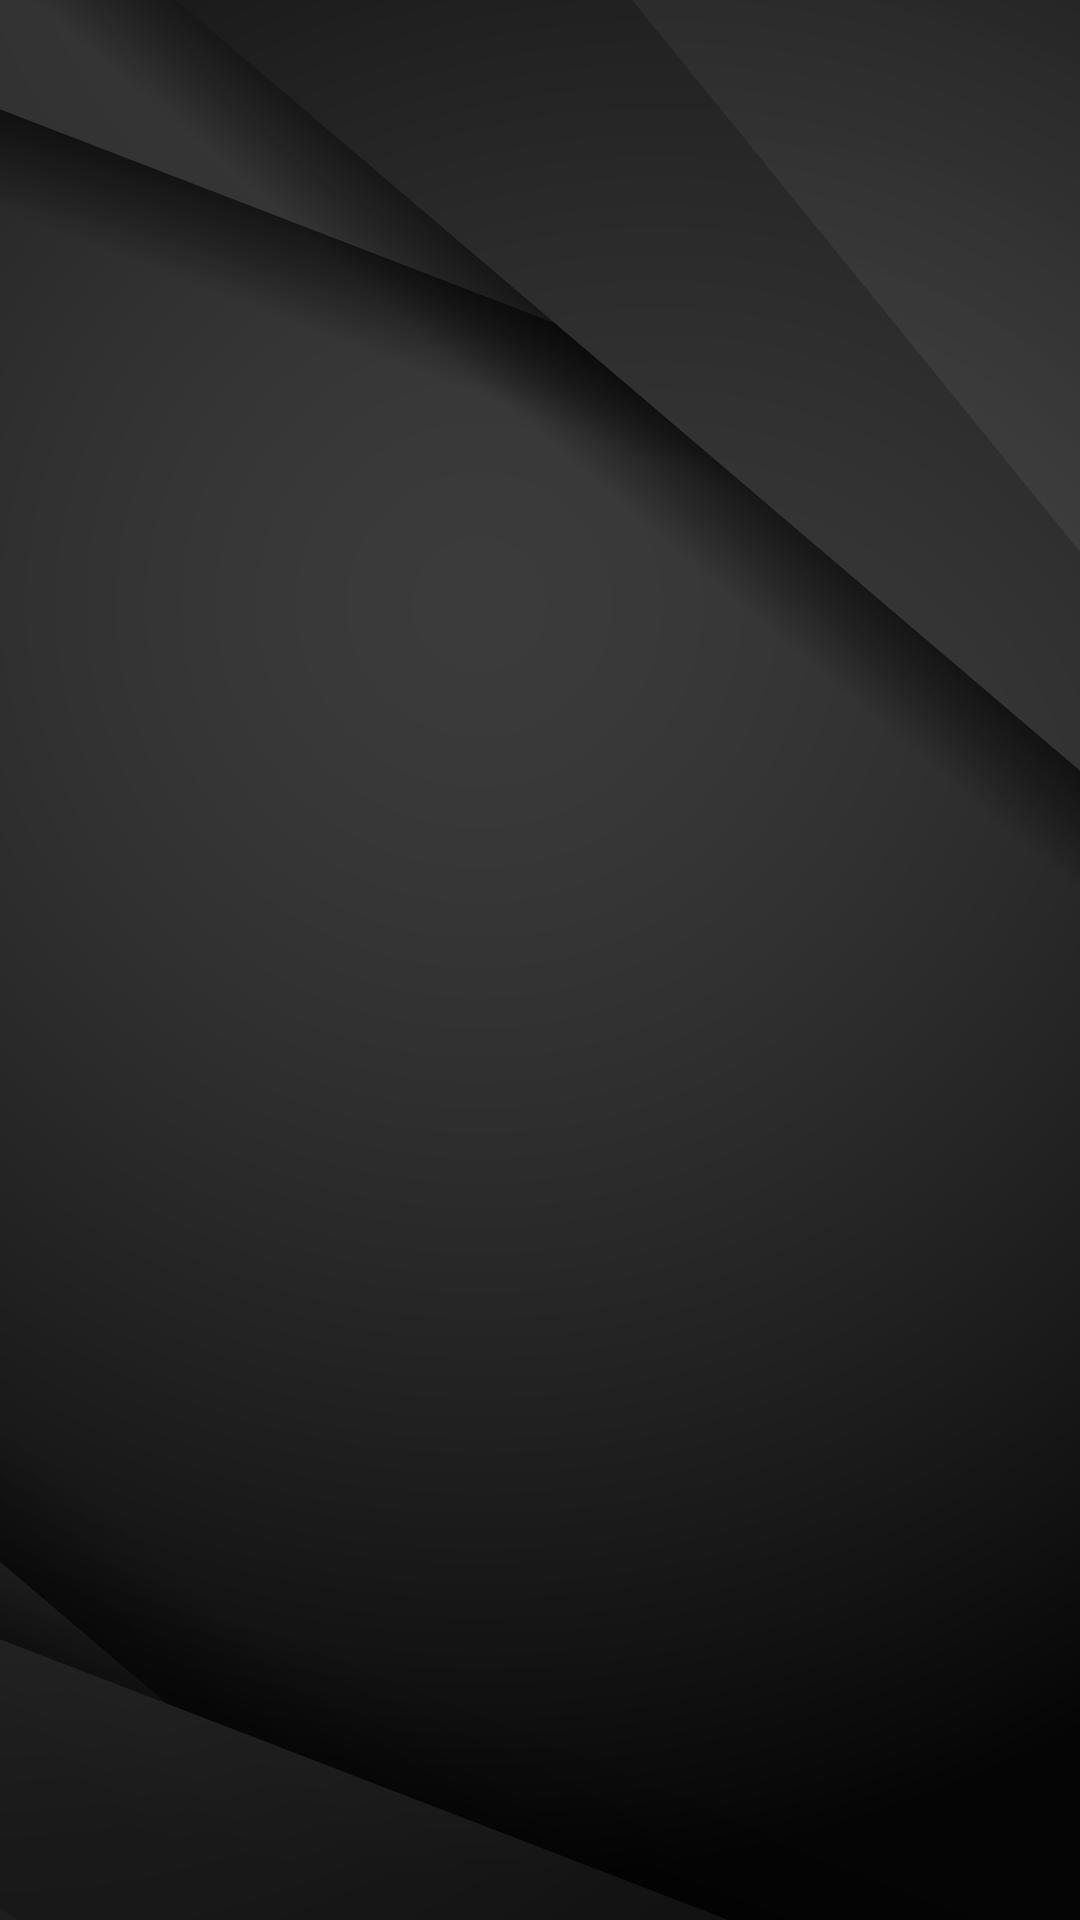 Hình nền tối cho iphone